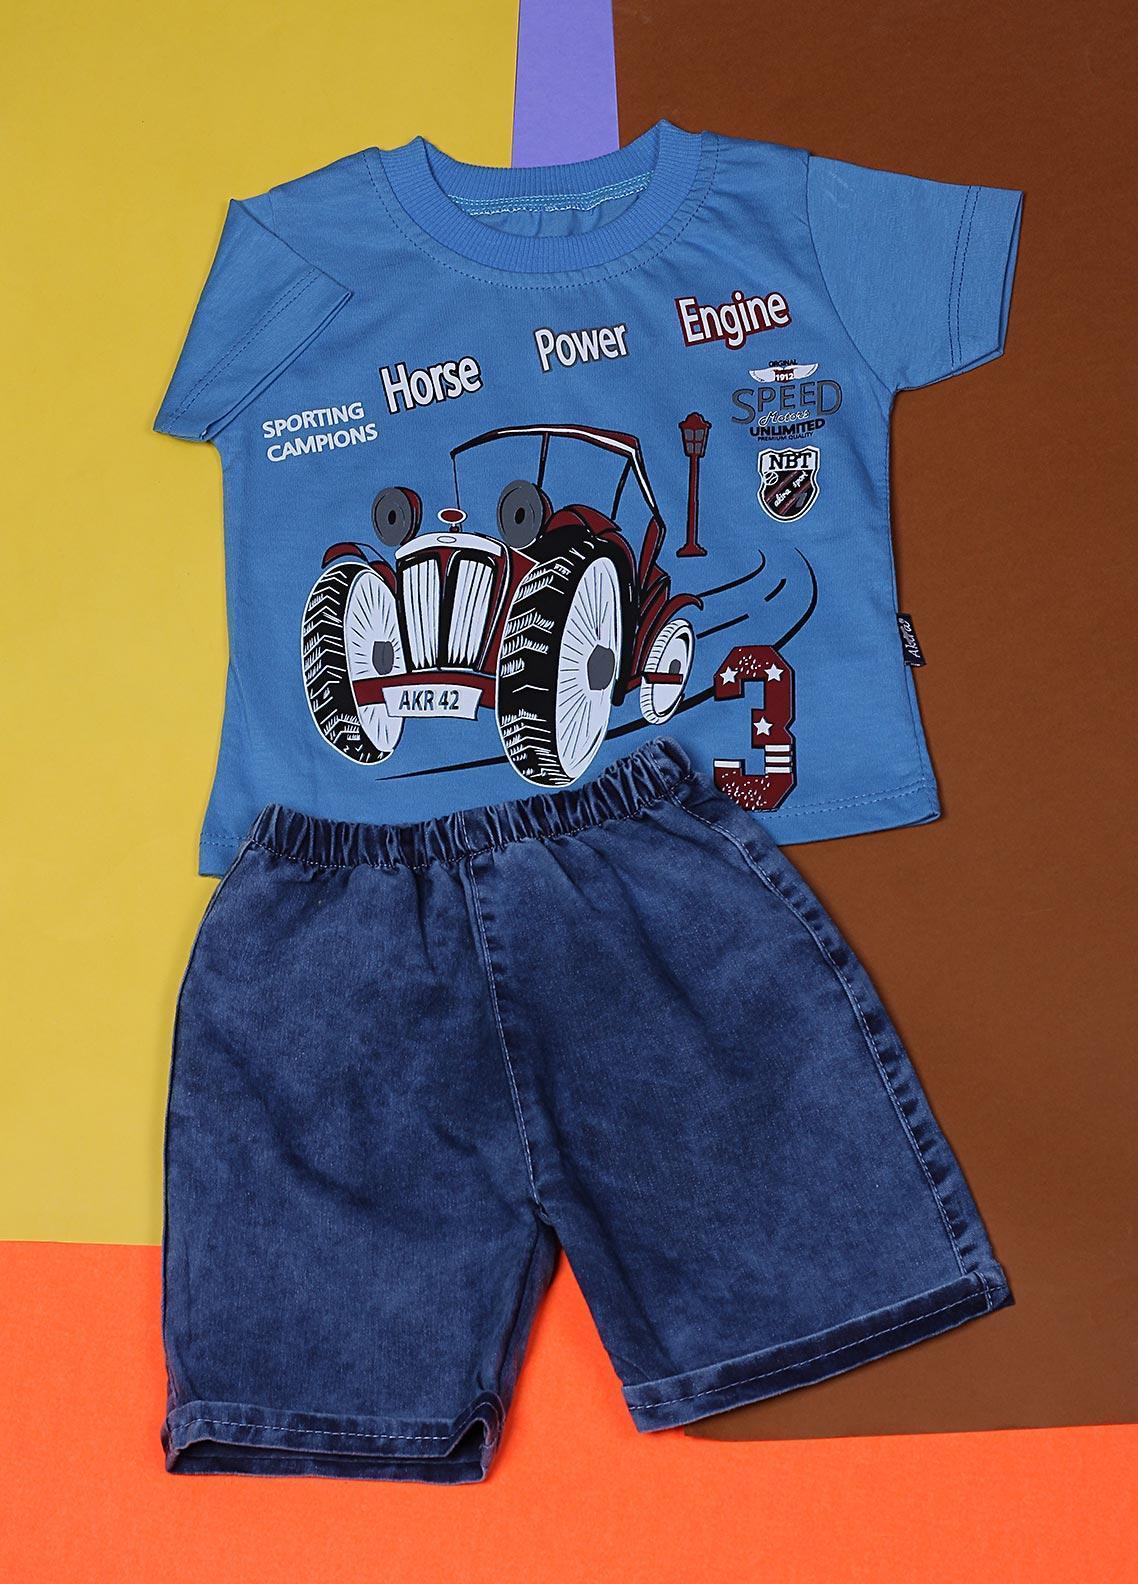 Sanaulla Exclusive Range Cotton Fancy Suits for Boys -  22342-2 Sky Blue